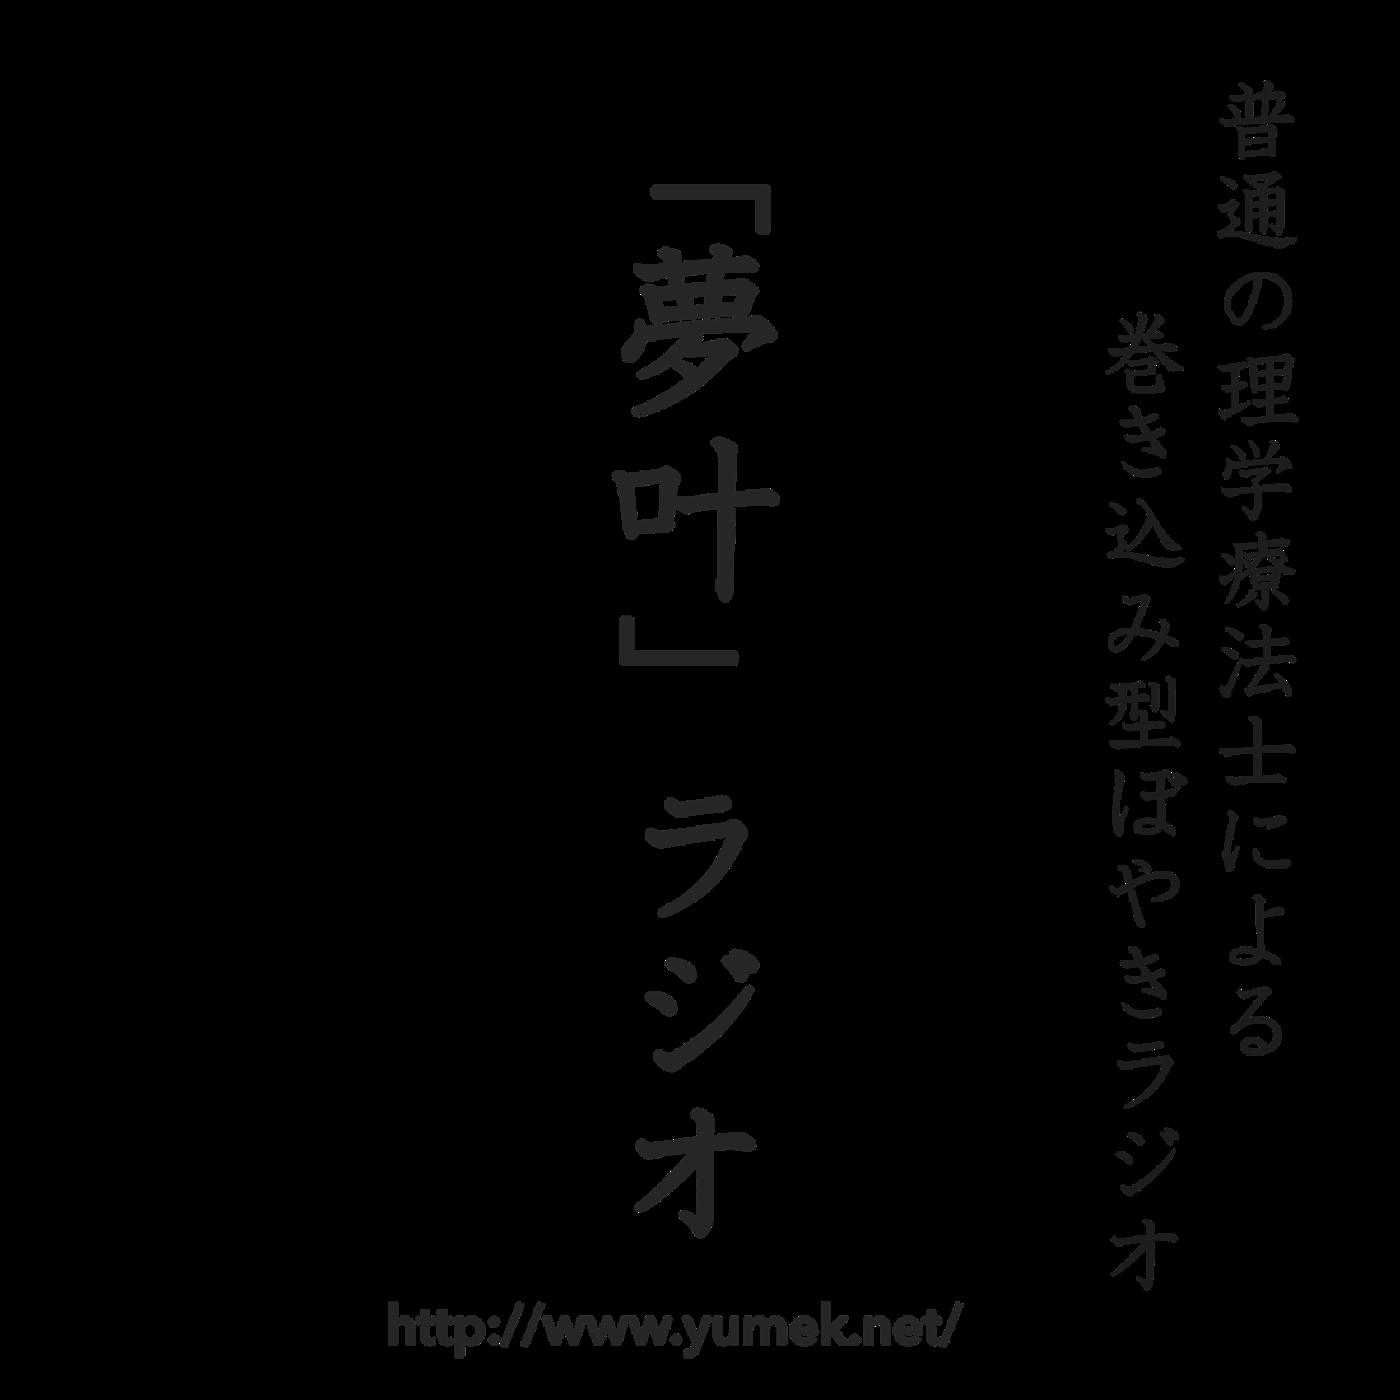 「夢叶」〜療法士の本・文献情報発信サイト〜(音声)